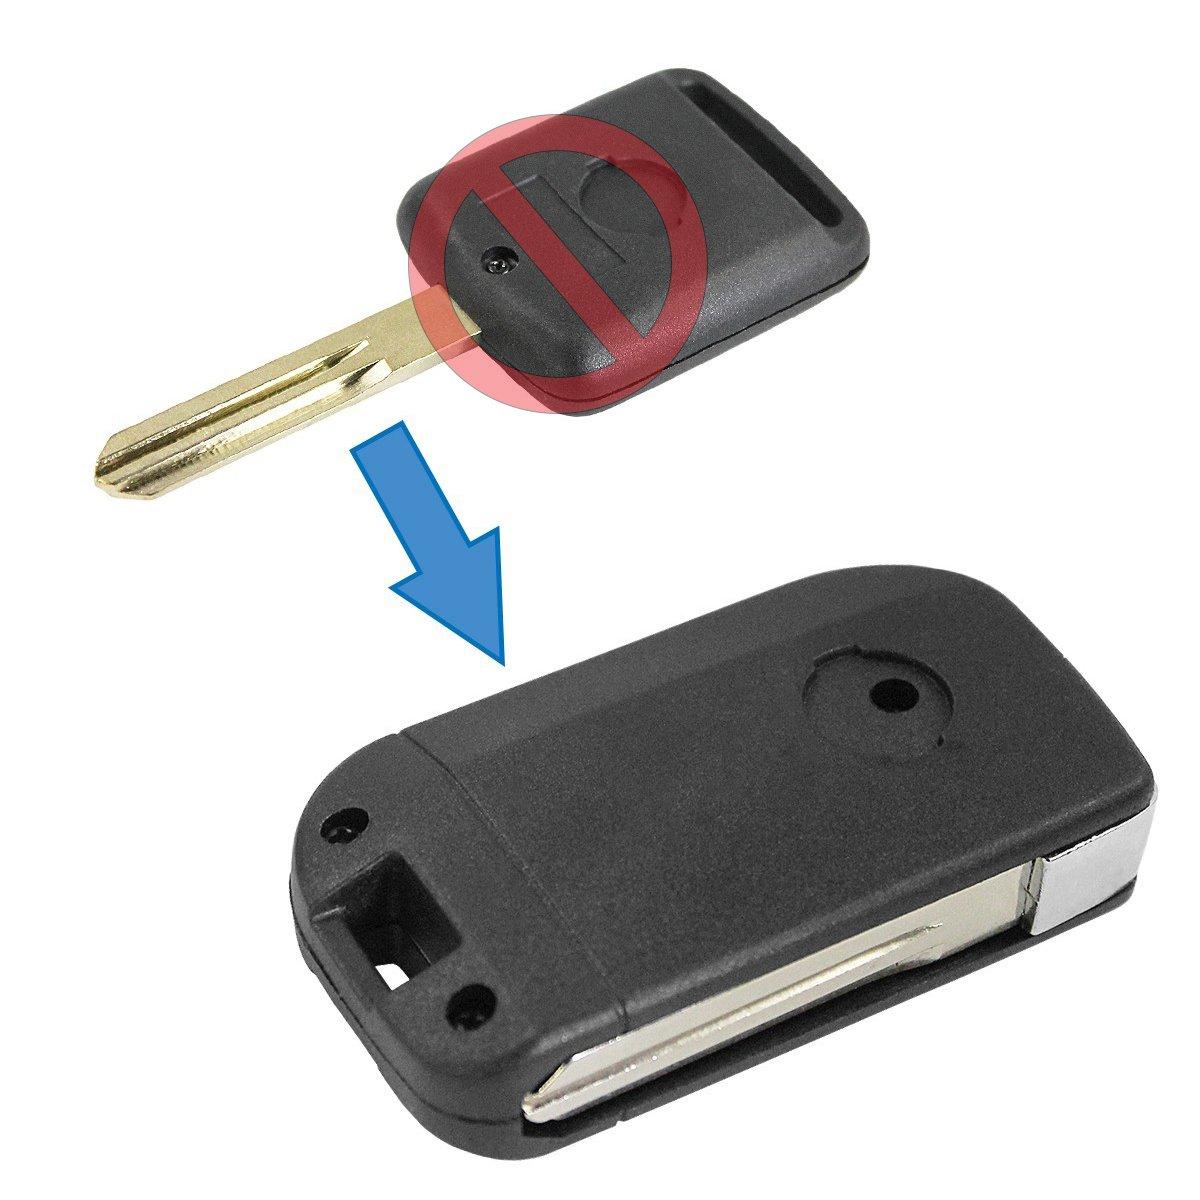 Carcasa Llave Cáscara Kit Conversión modifica mando Negro 2 teclas de hoja de fijación plegable Nissan Qashqai y + 2 chiavit rodillos concha llaves ...